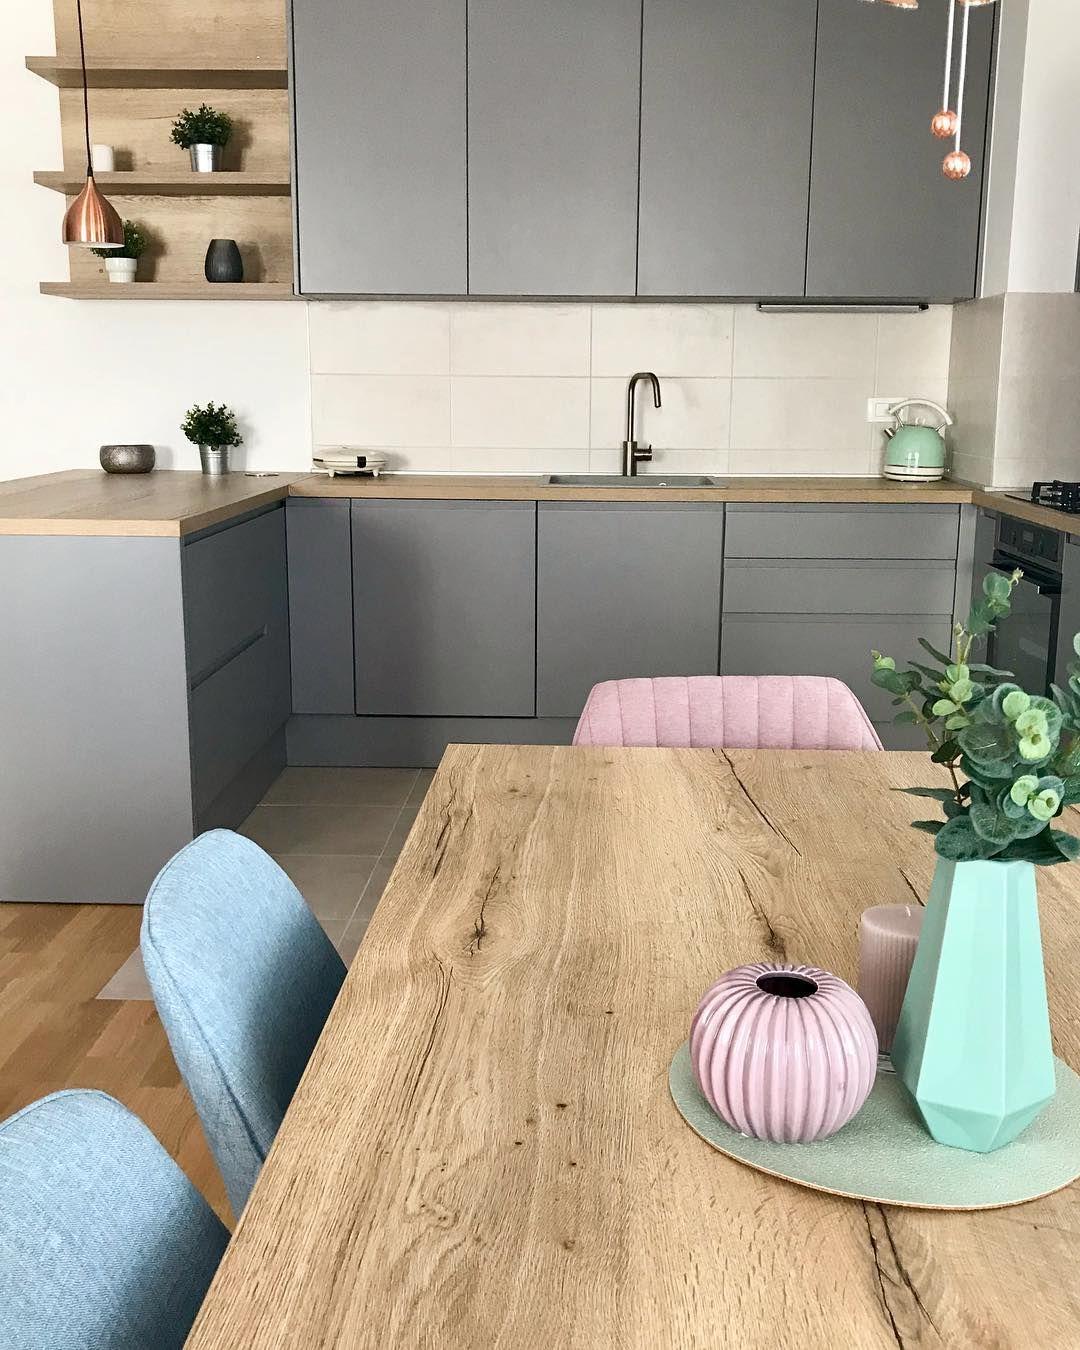 #interiordesign #kitchen #greykitchen #design #home